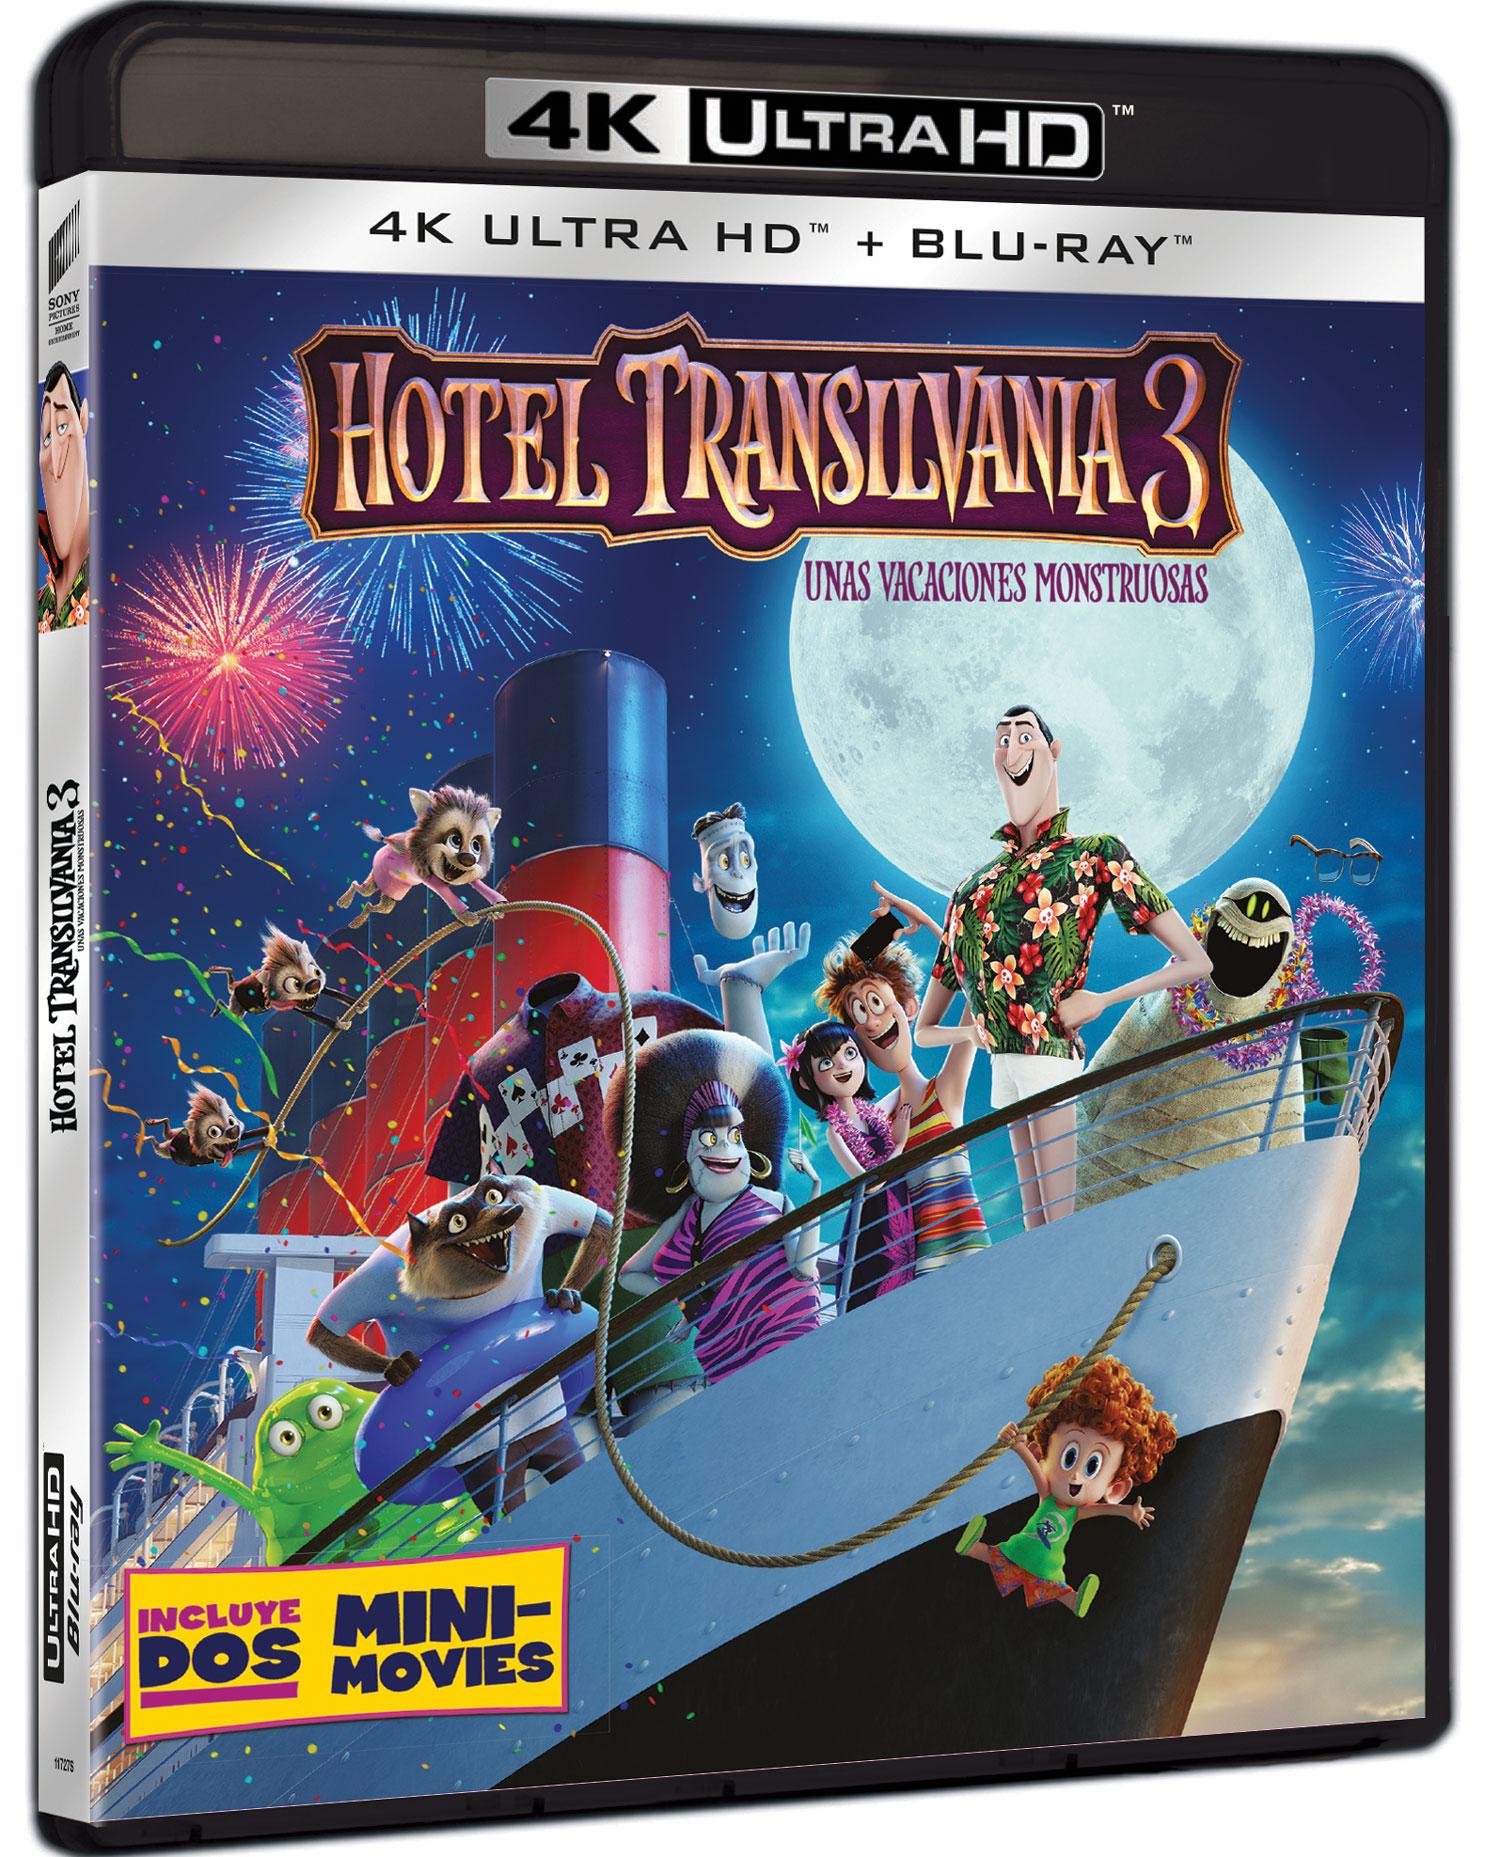 'Hotel Transilvania 3' 4K Ultra HD